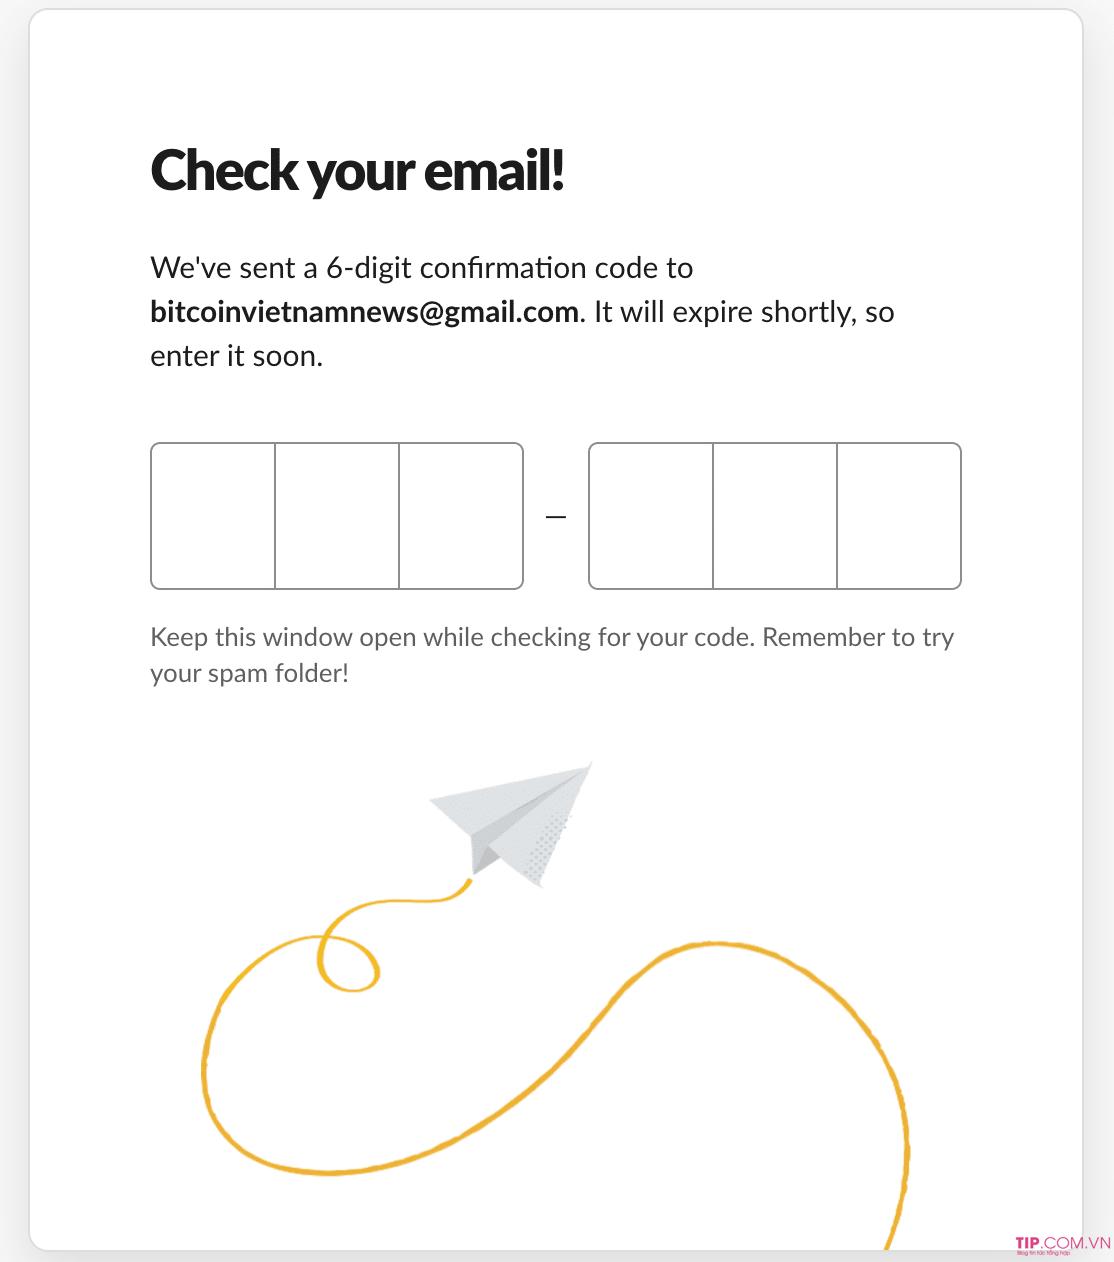 Slack là gì? Hướng dẫn cách sử dụng Slack đơn giản nhất